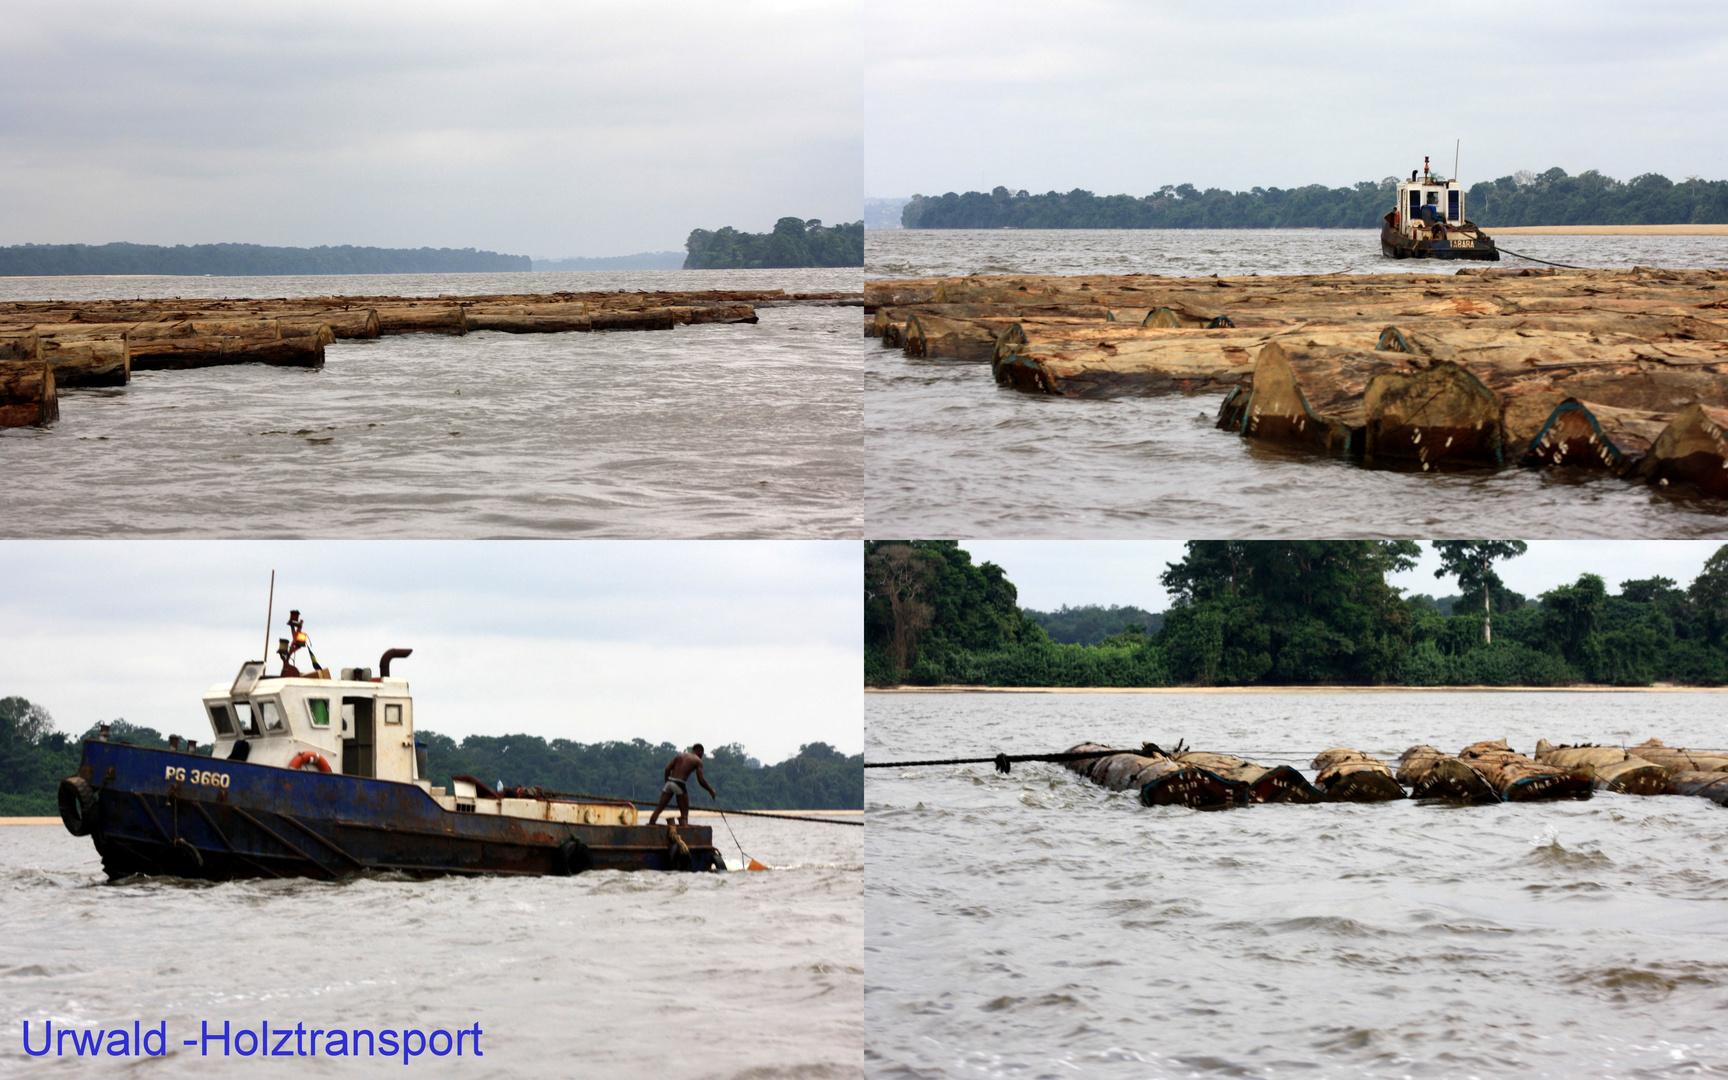 Urwaldholz beim Transport im Fluss